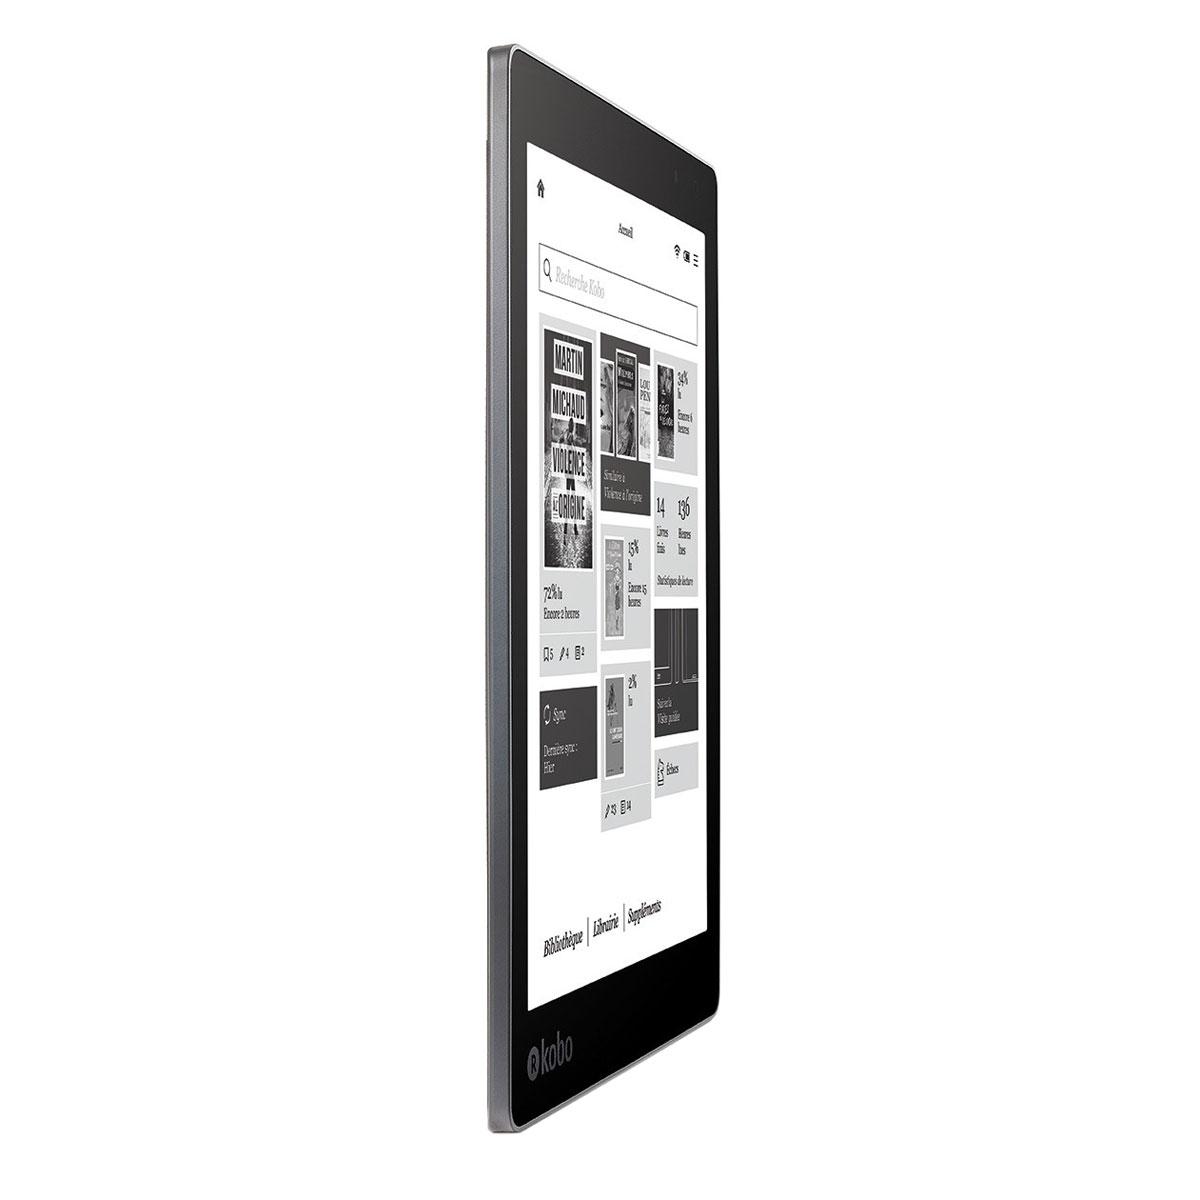 kobo aura one liseuse ebook kobo sur ldlc. Black Bedroom Furniture Sets. Home Design Ideas